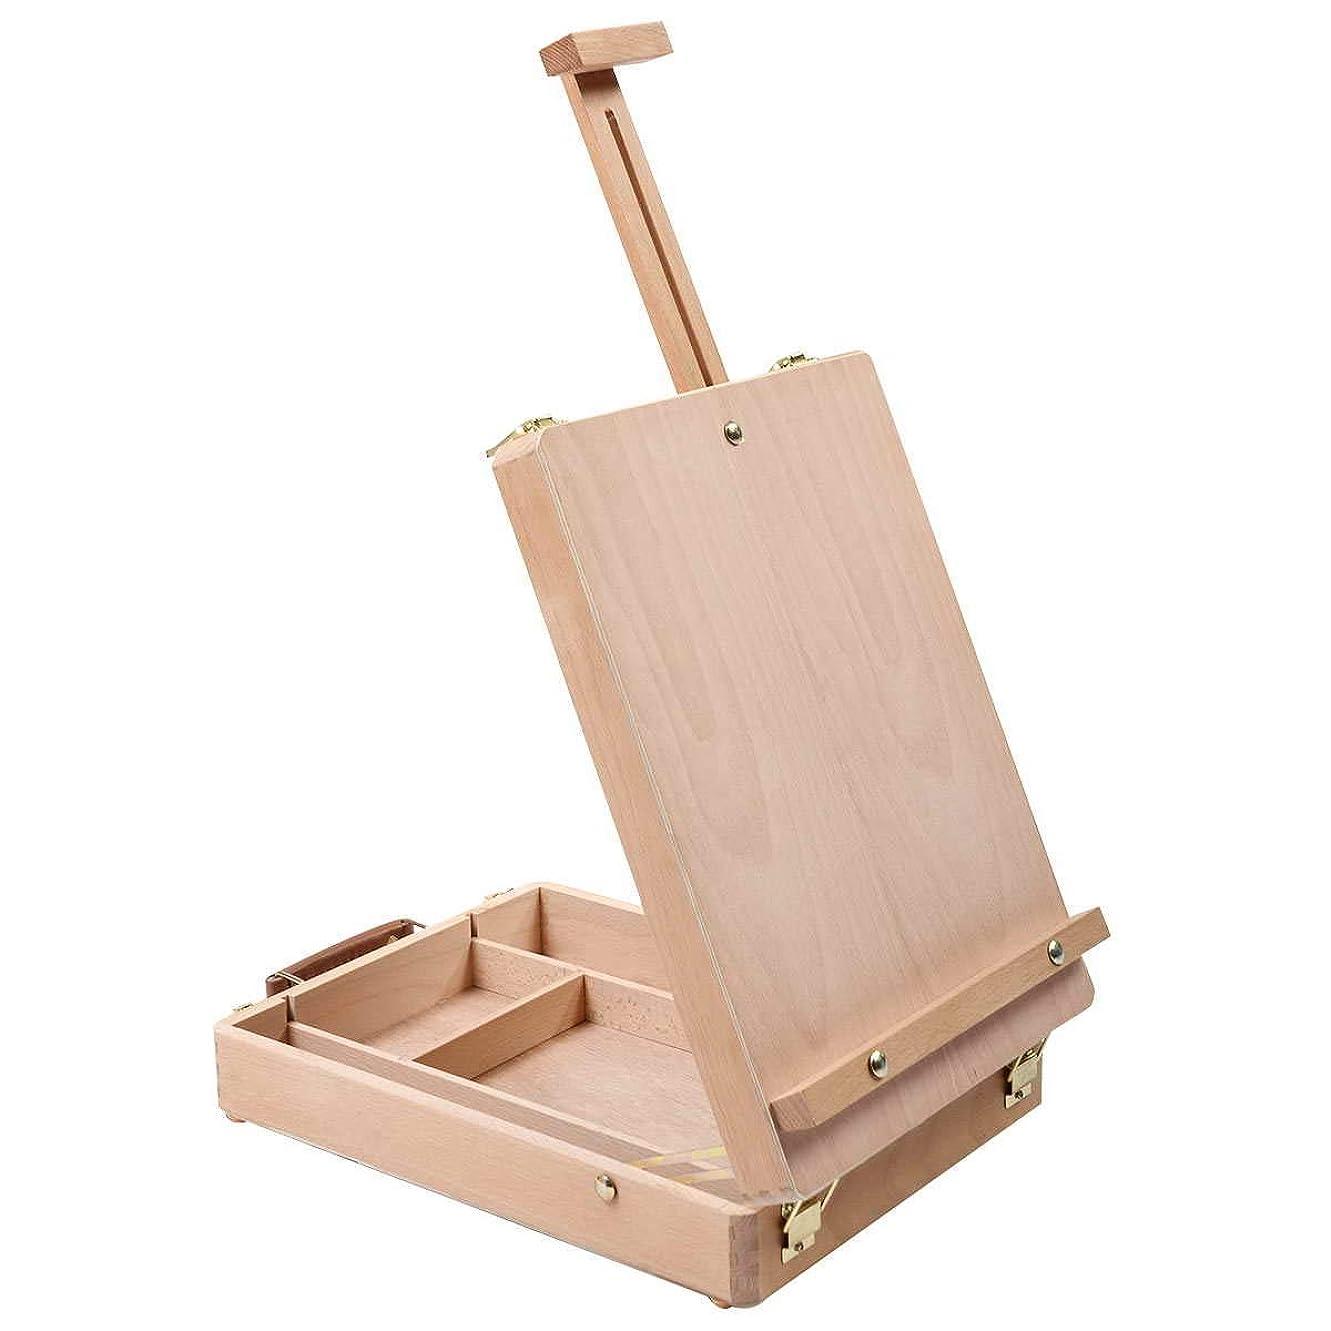 太い甘くするエチケットAibecy 木製イーゼル 多機能 卓上イーゼル ミニ三脚イーゼル 写真展示 絵画飾る